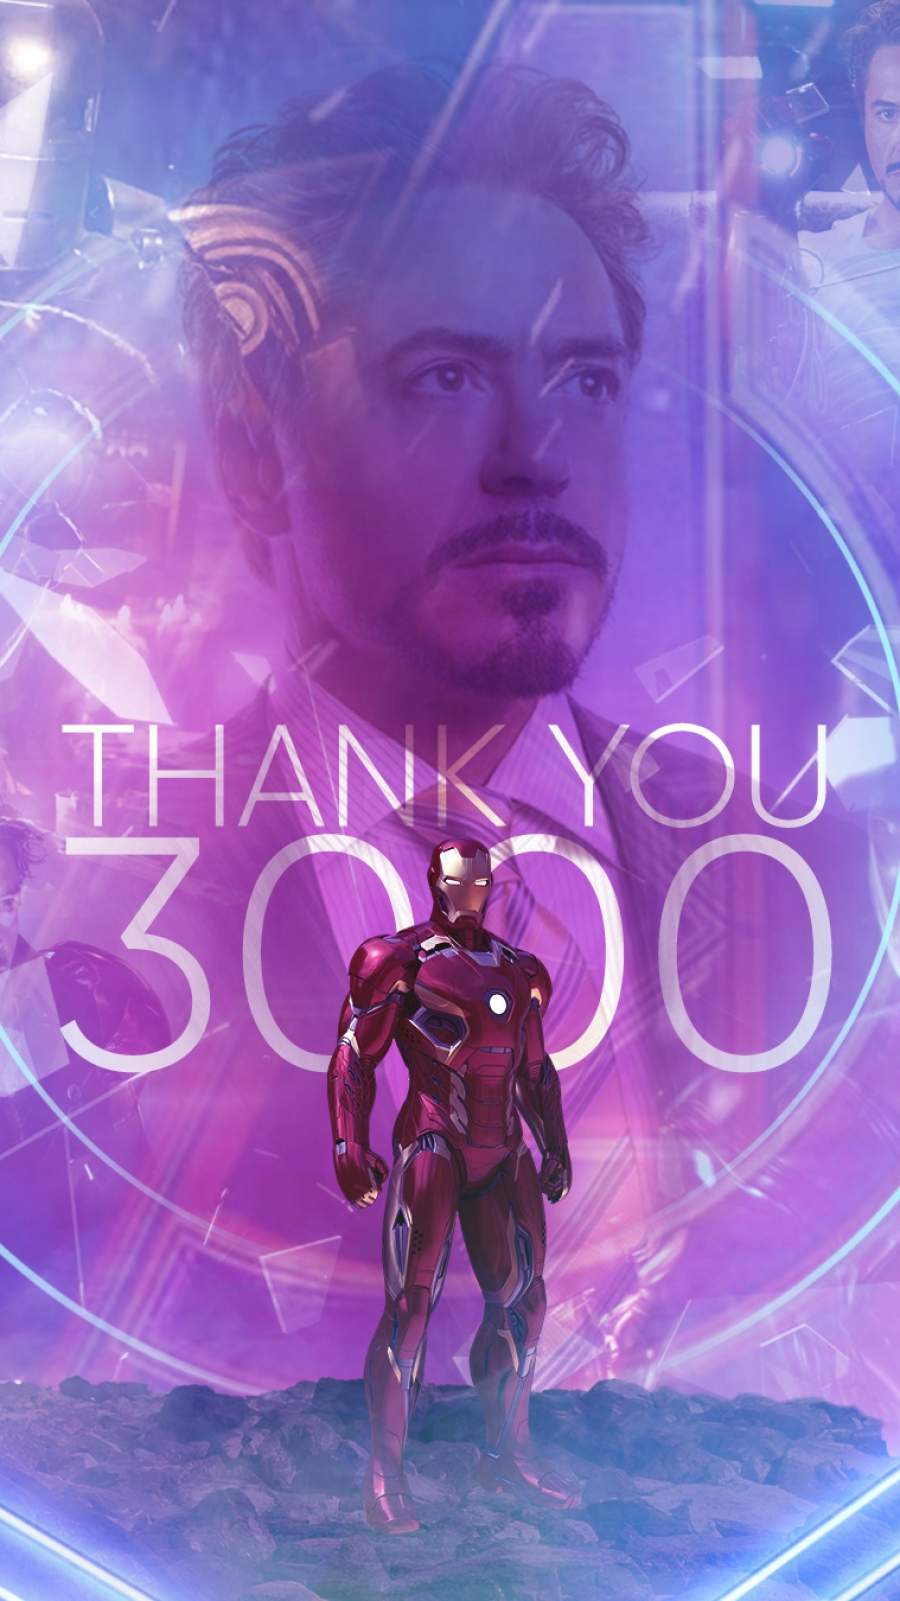 Tony Stark I Love You 3000 iPhone Wallpaper 1